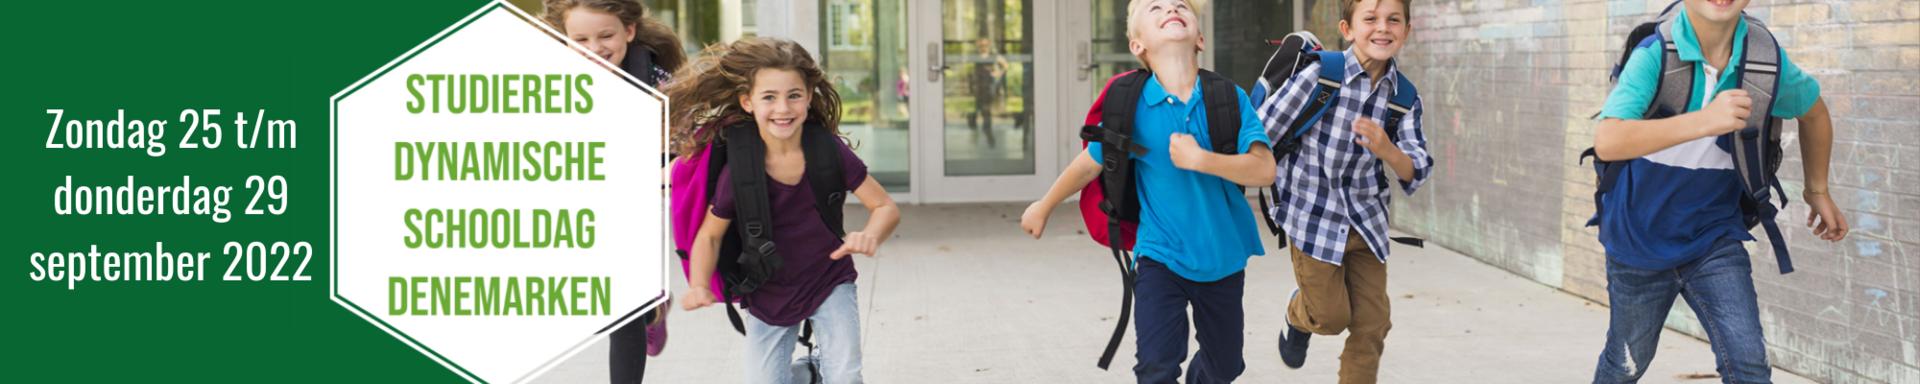 Studiereis Dynamische Schooldag Denemarken